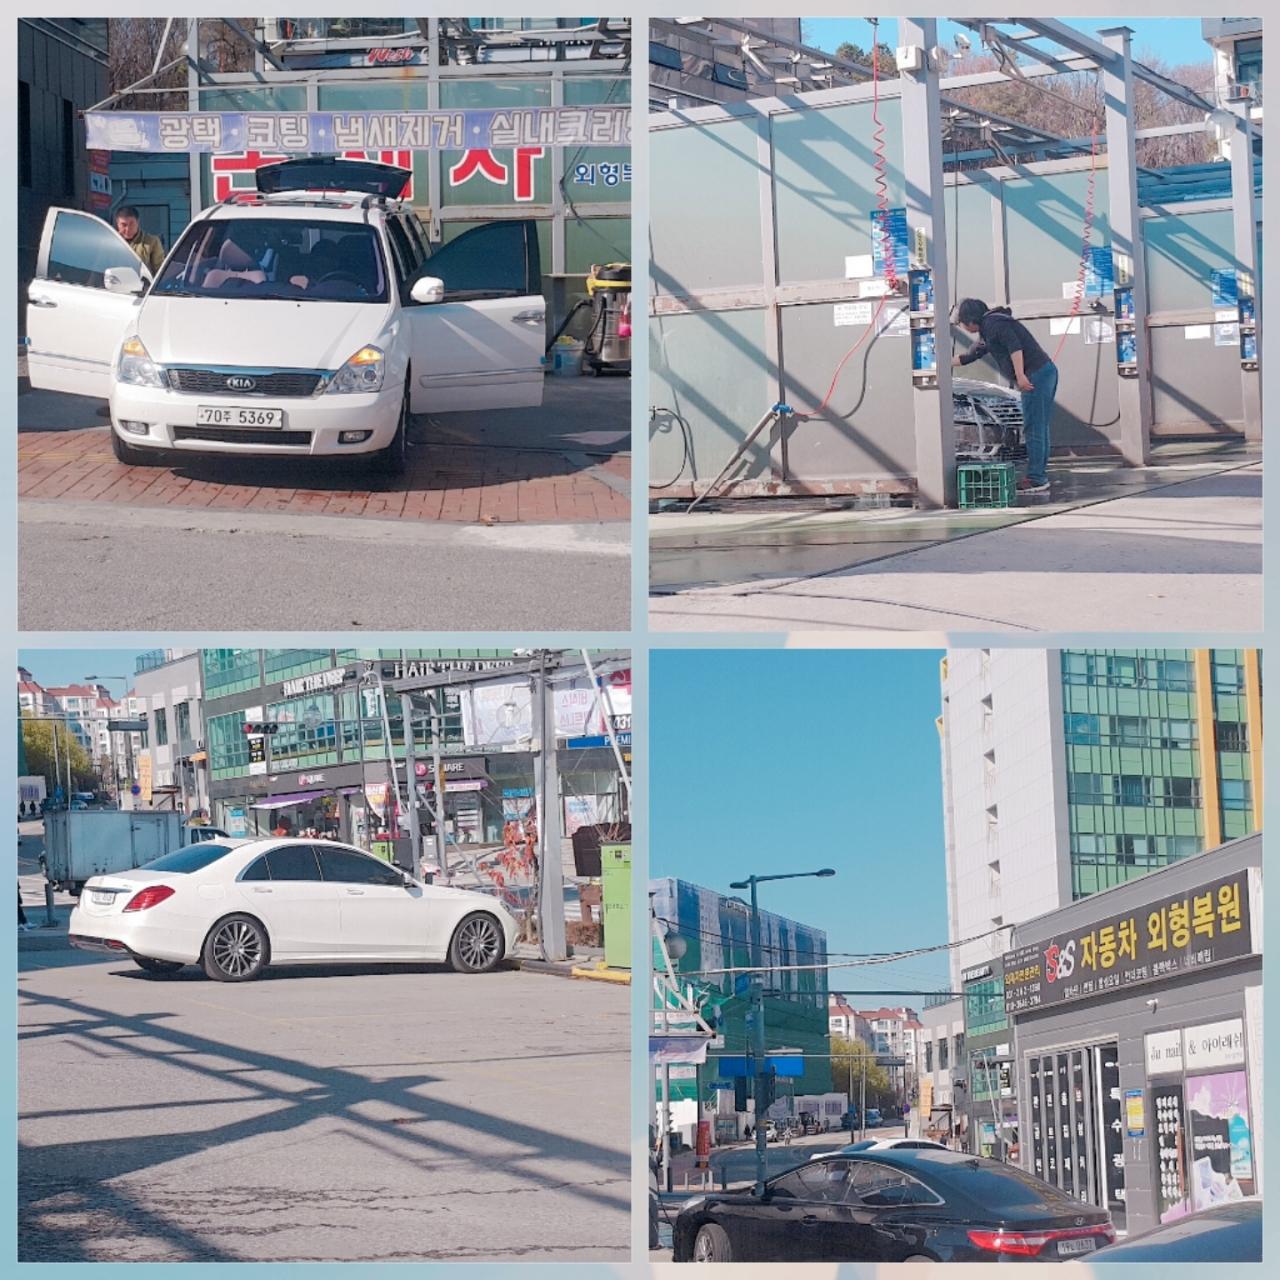 광교셀프세차장,자동차외형복원 (네일샵 함께합니다)